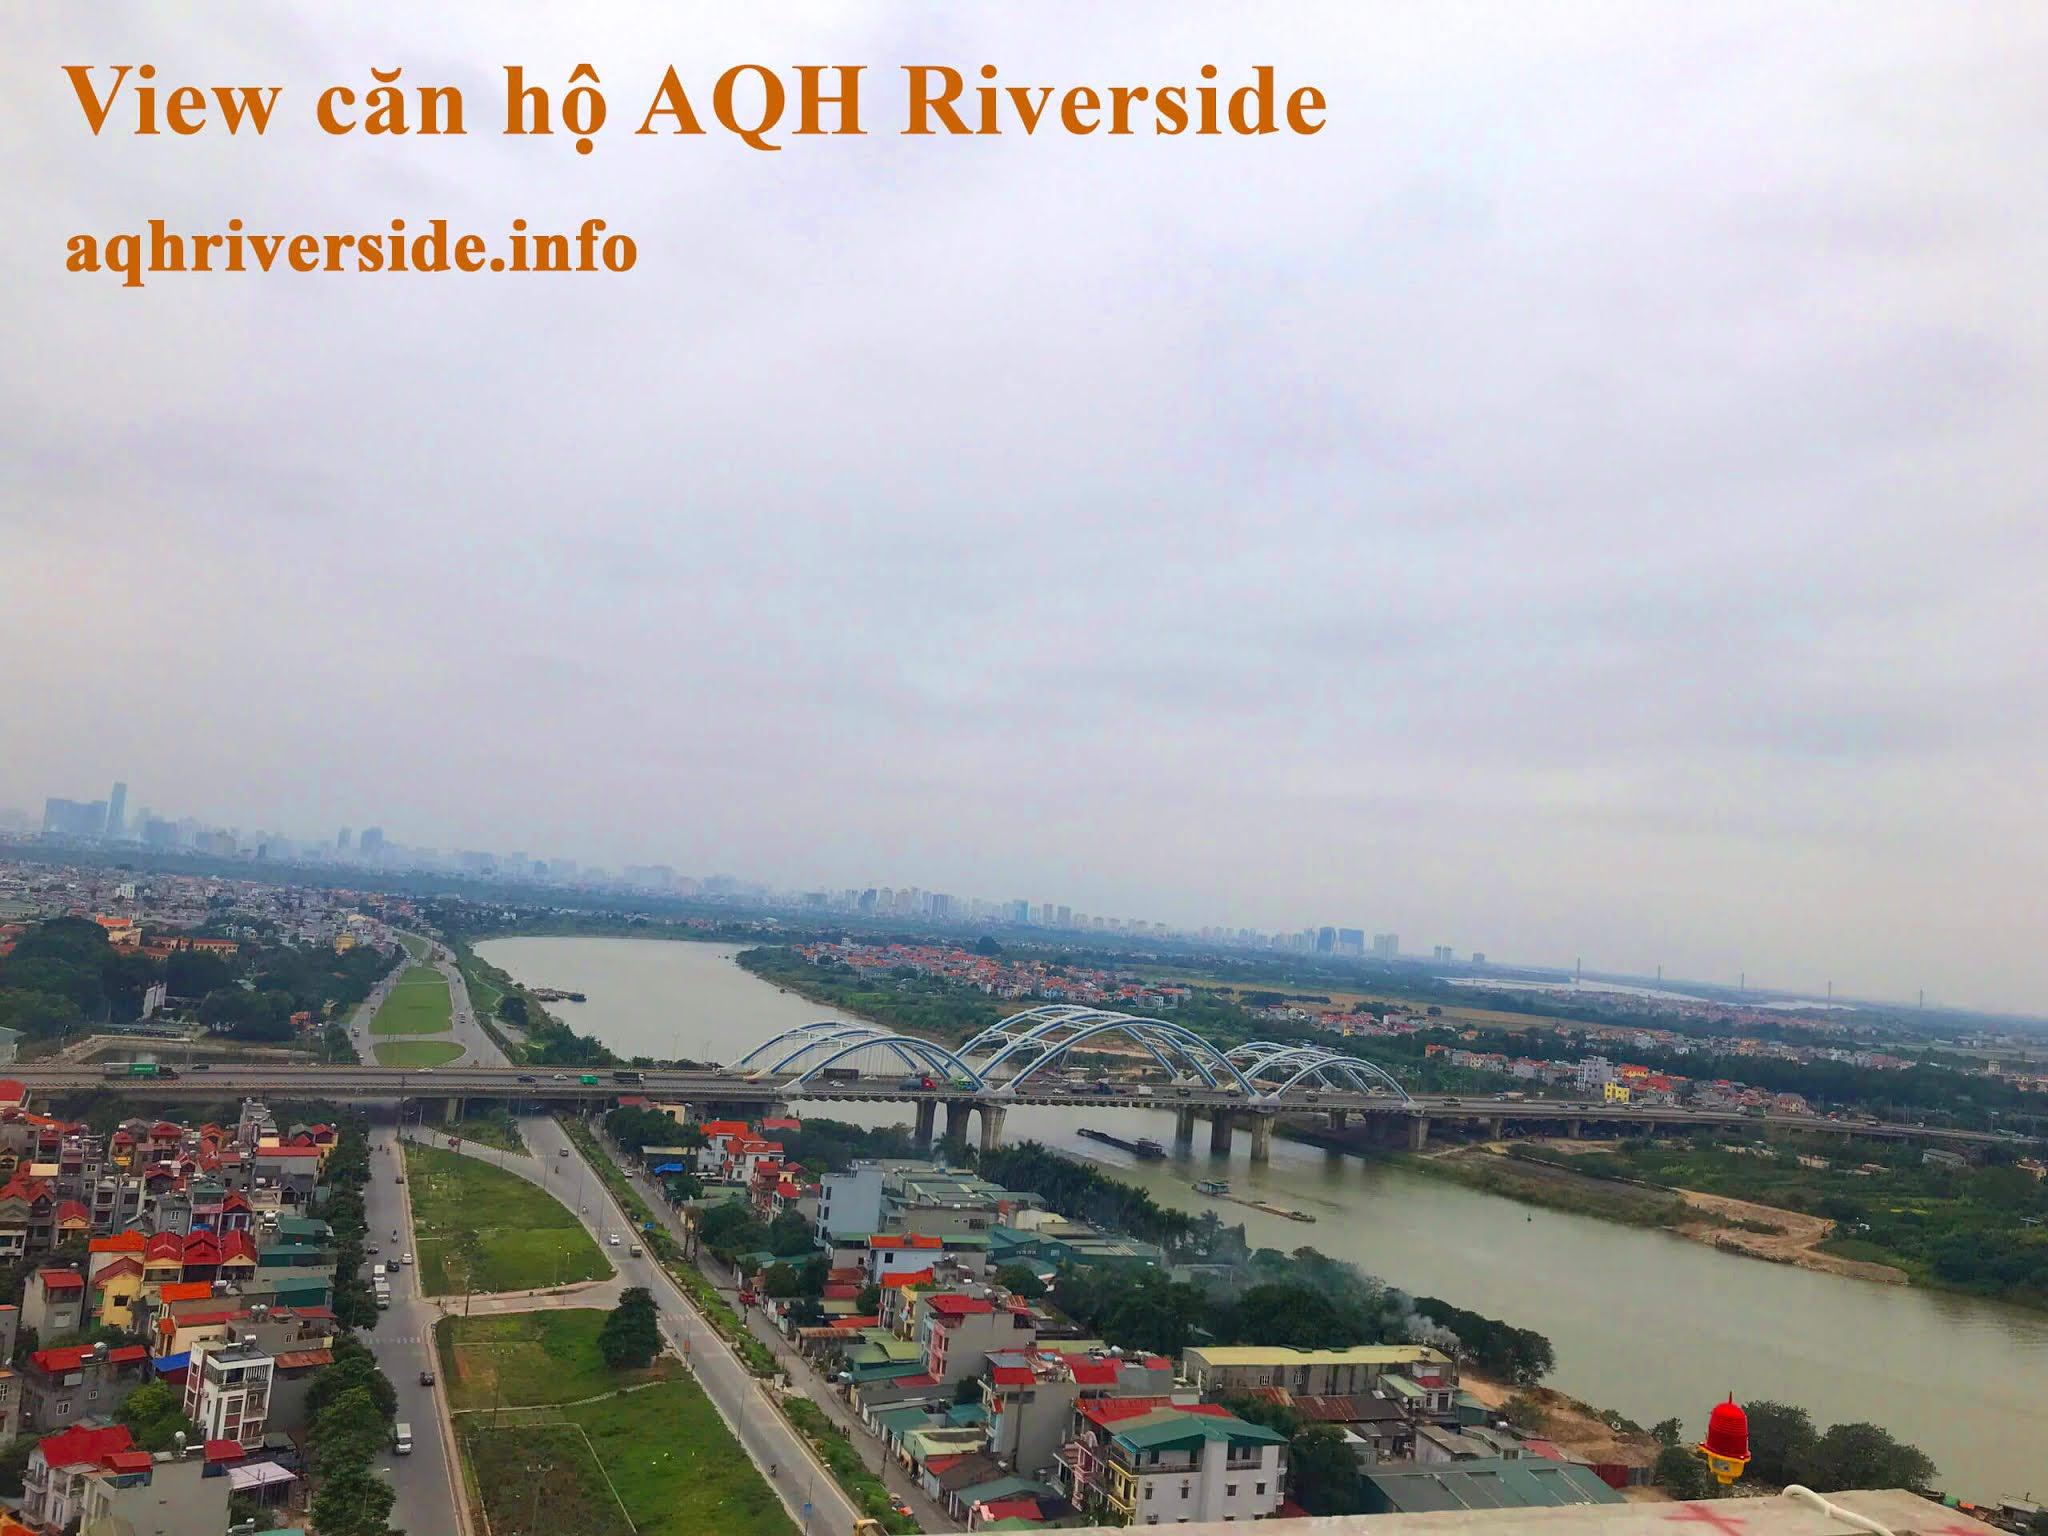 phoi-canh-chuan-chung-cu-aqh-riverside